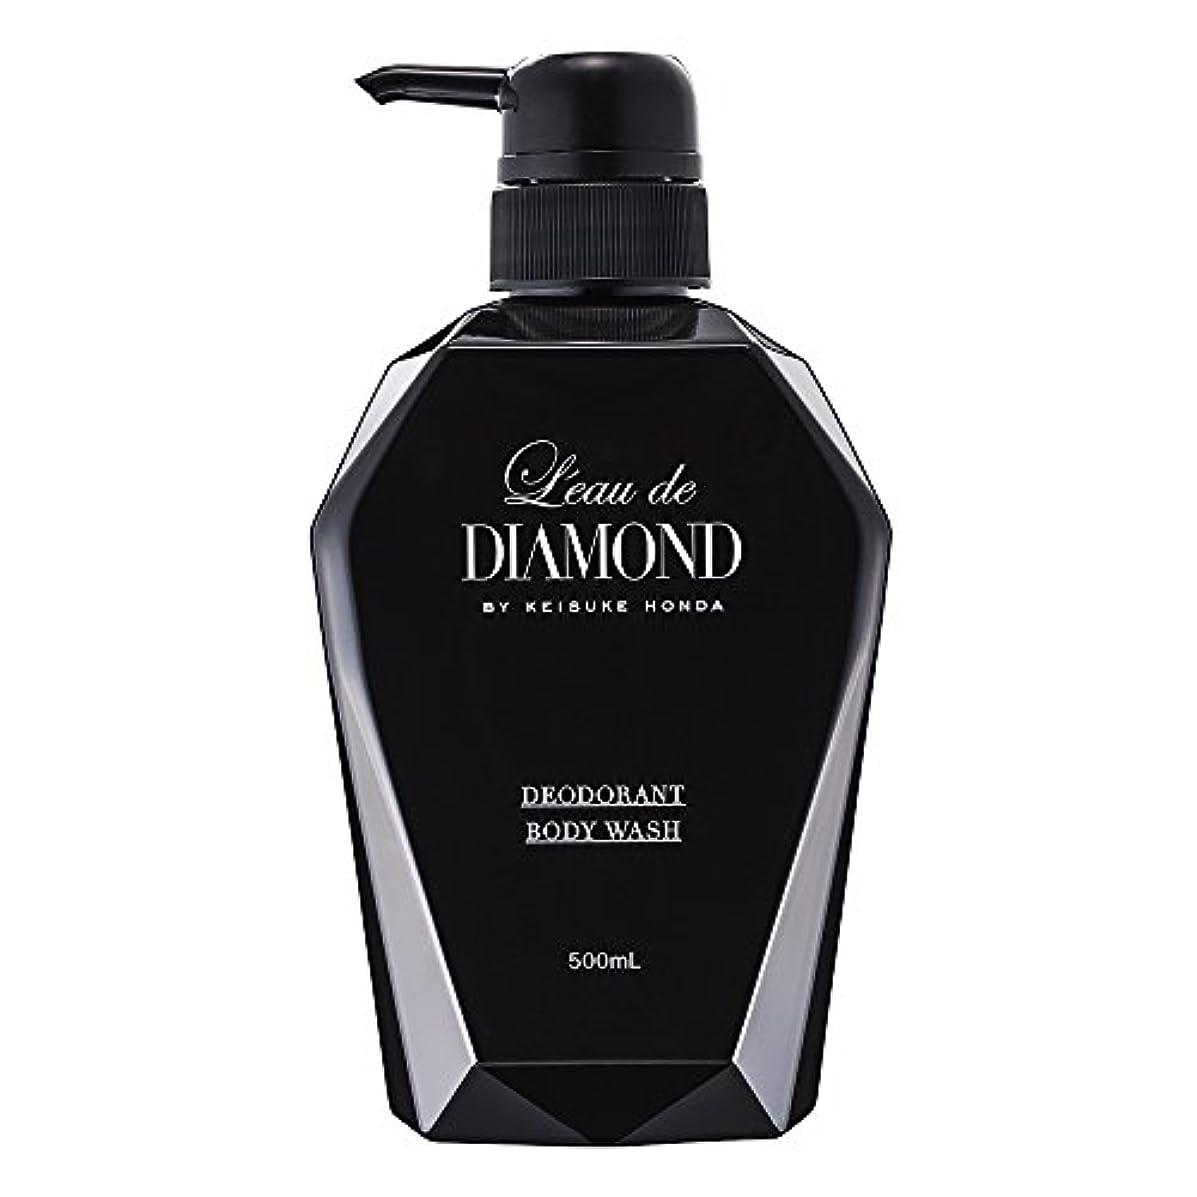 意志に反するポータービーズロードダイアモンド 薬用デオドラントボディウォッシュ 500ml